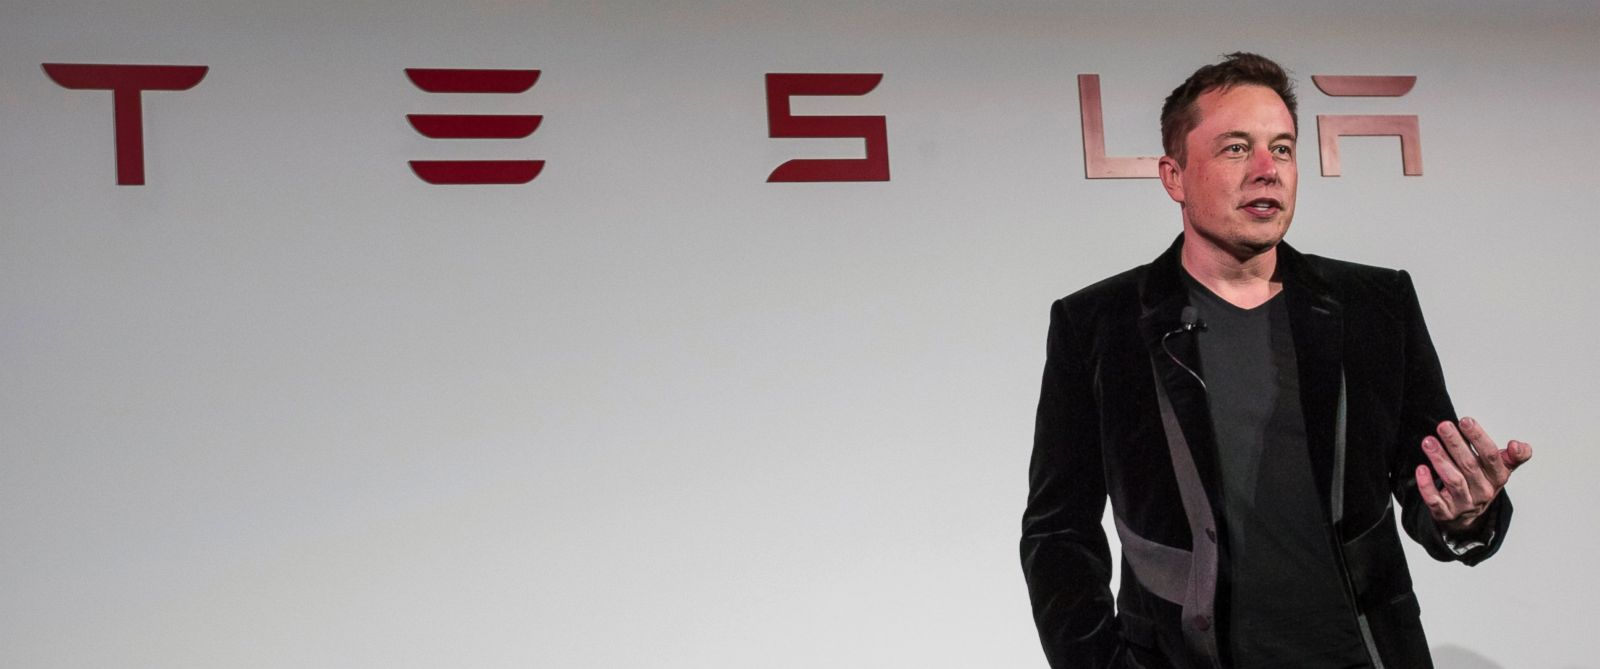 Tesla, imparable: Ya ha superado incluso a General Motors en Bolsa